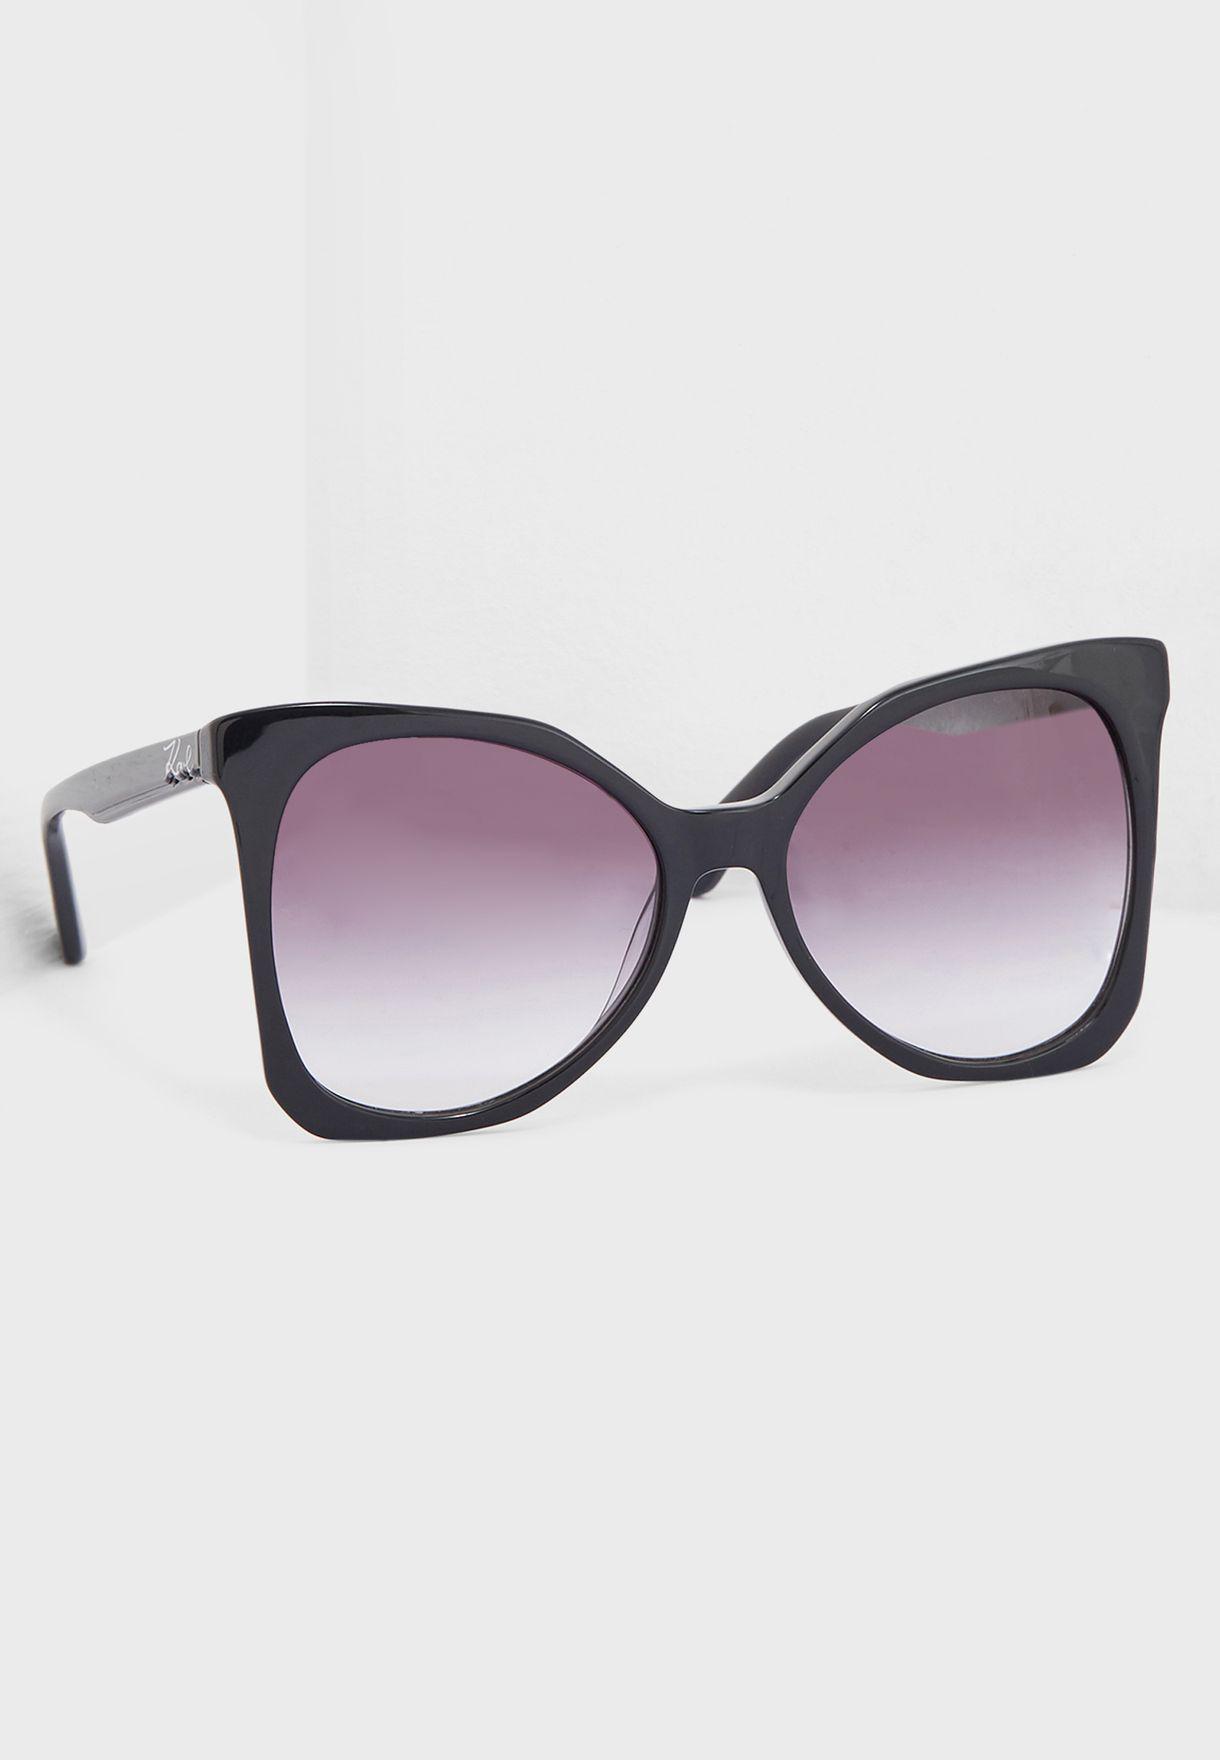 KL967S Butterfly Oversize Sunglasses